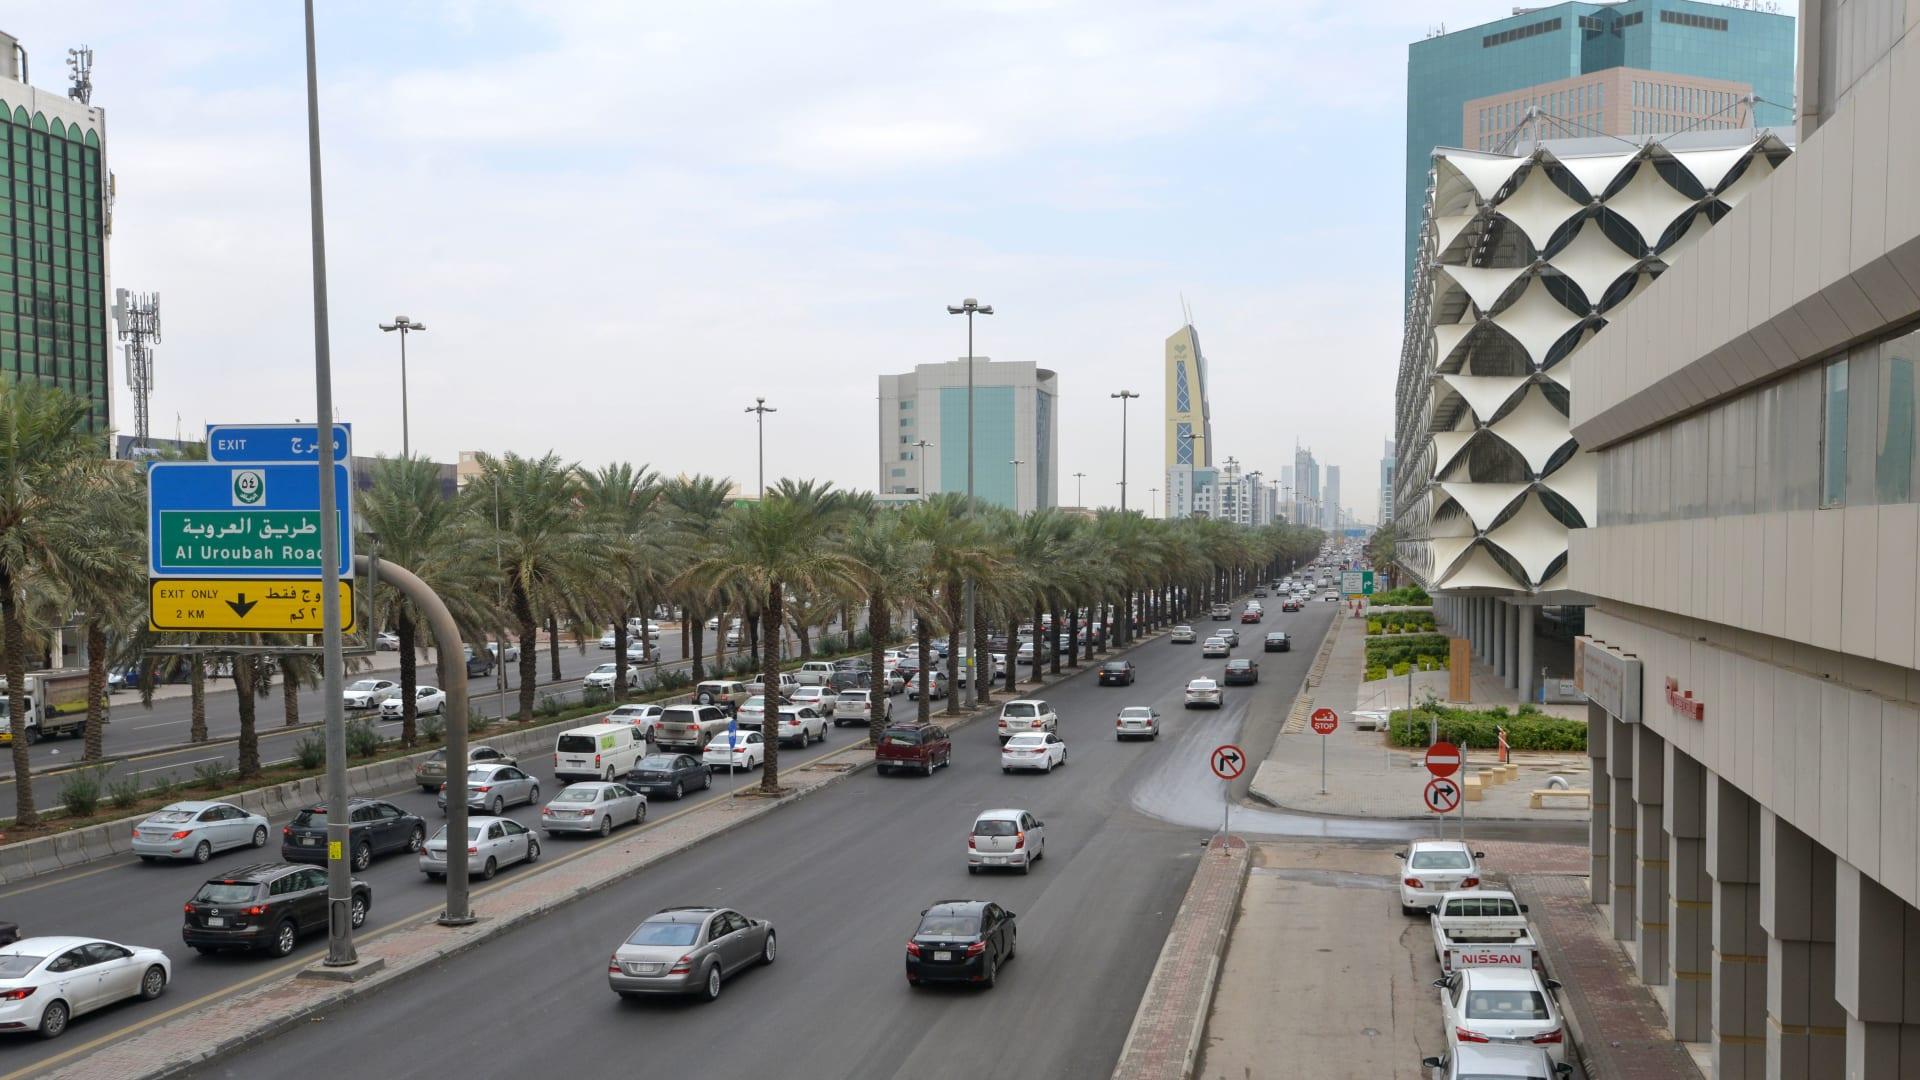 السعودية: ضبط رجال أعمال وموظفي بنوك ومقيمين في قضية فساد بـ3 مليارات دولار